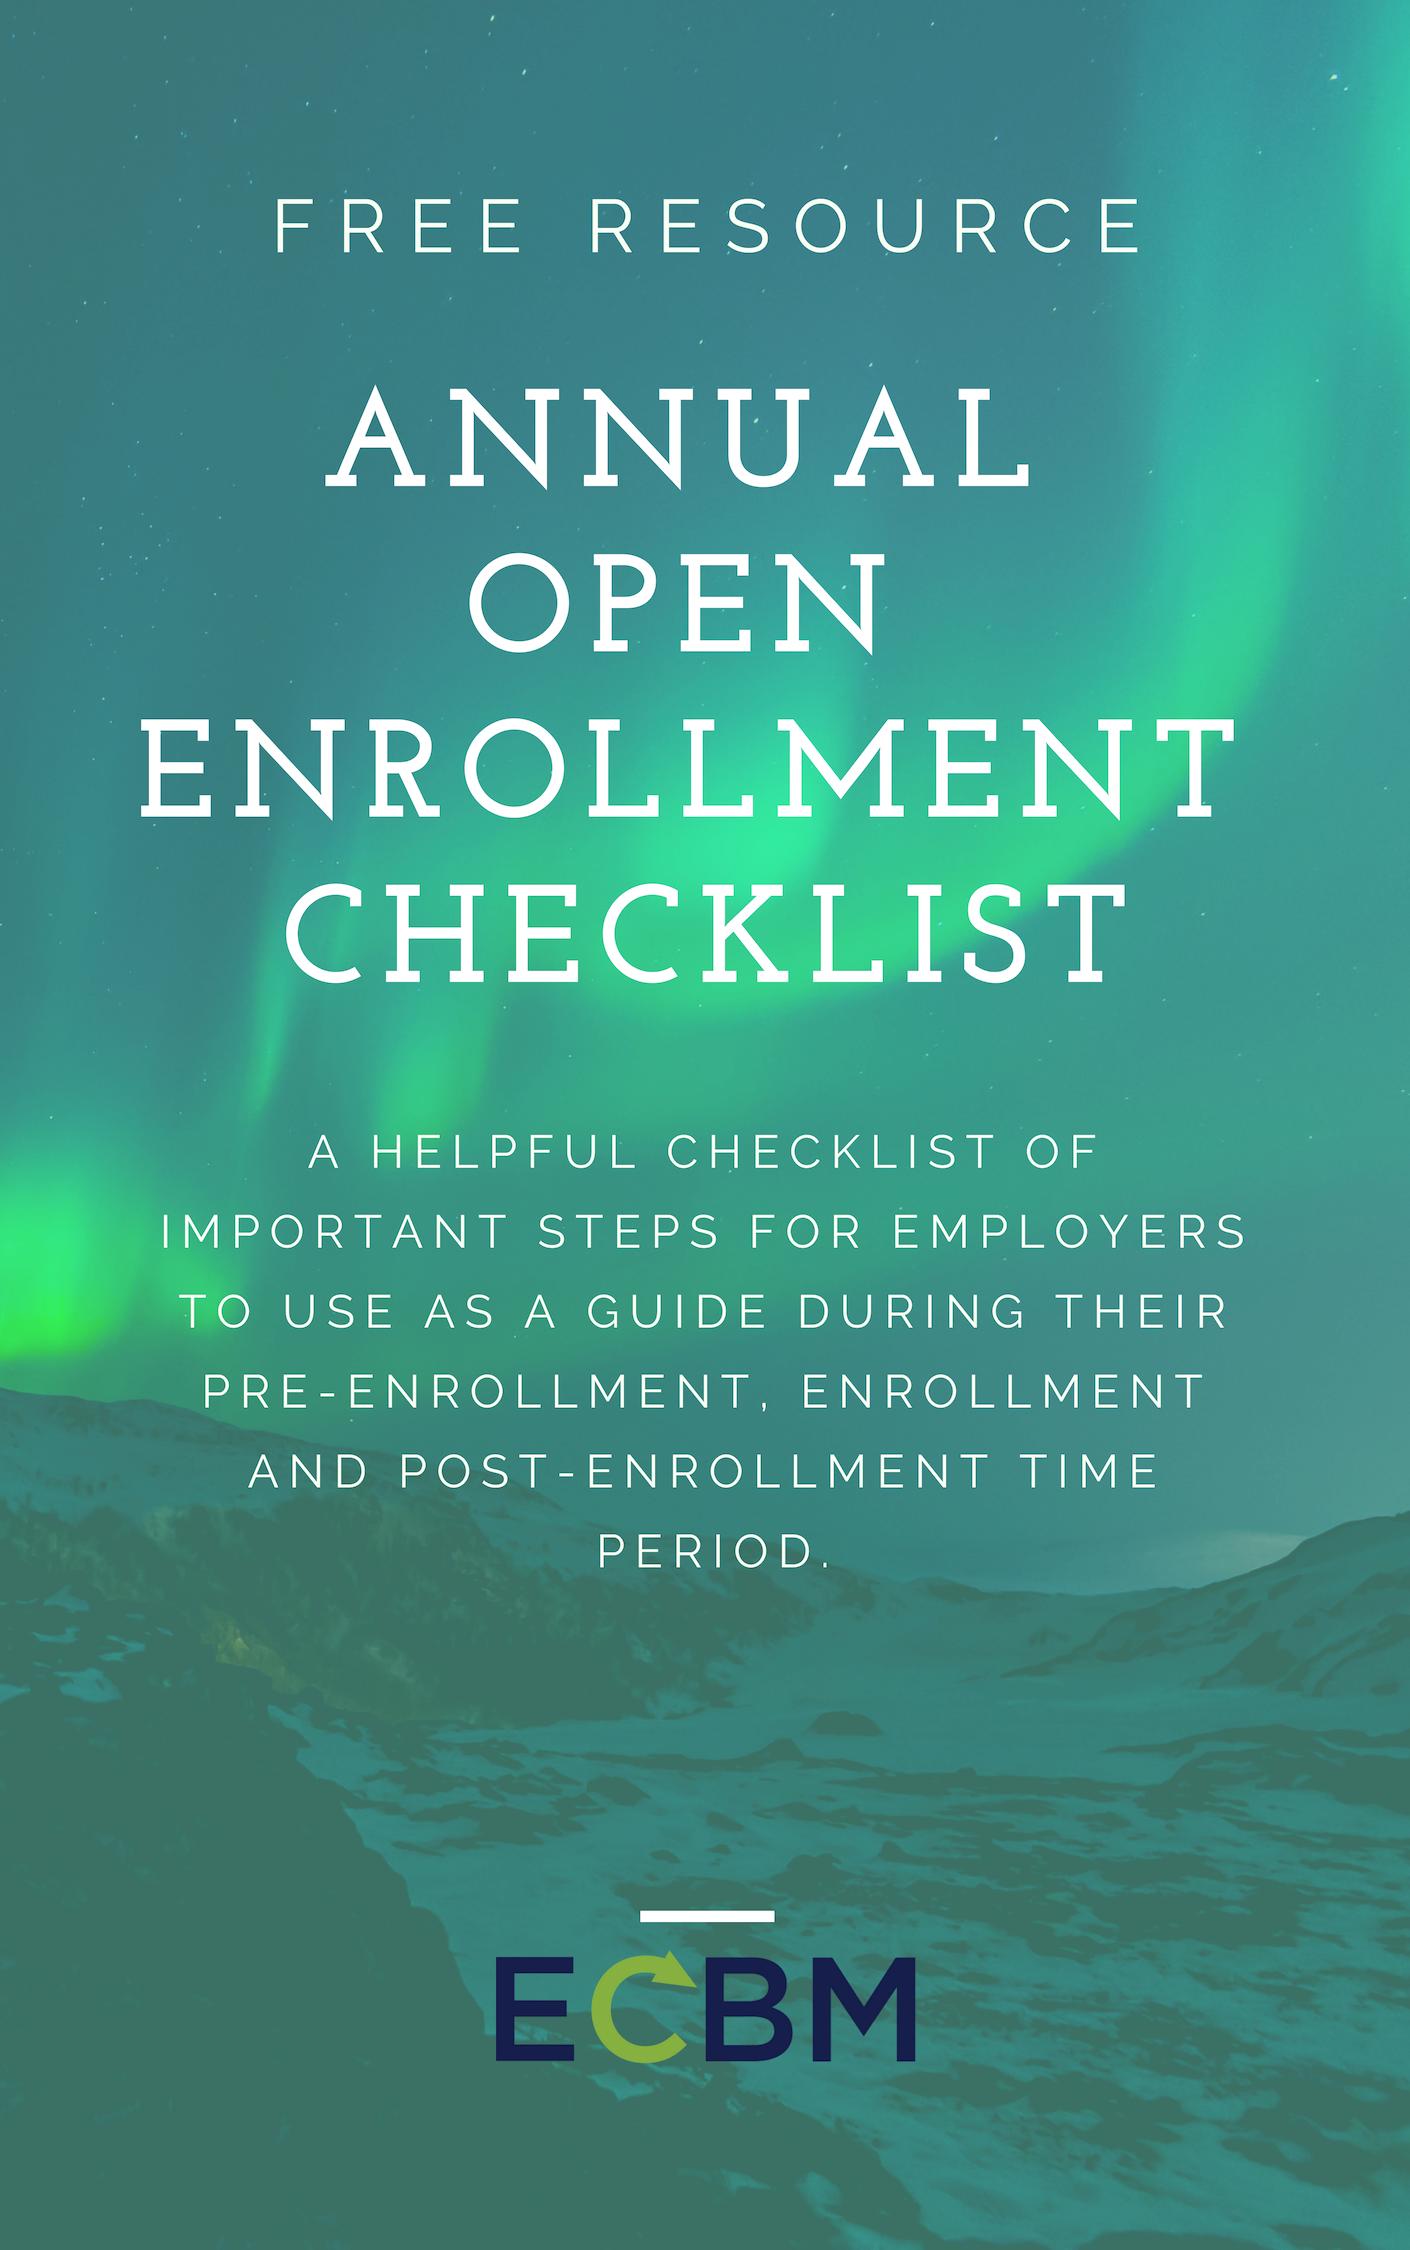 Annual Open Enrollment Checklist